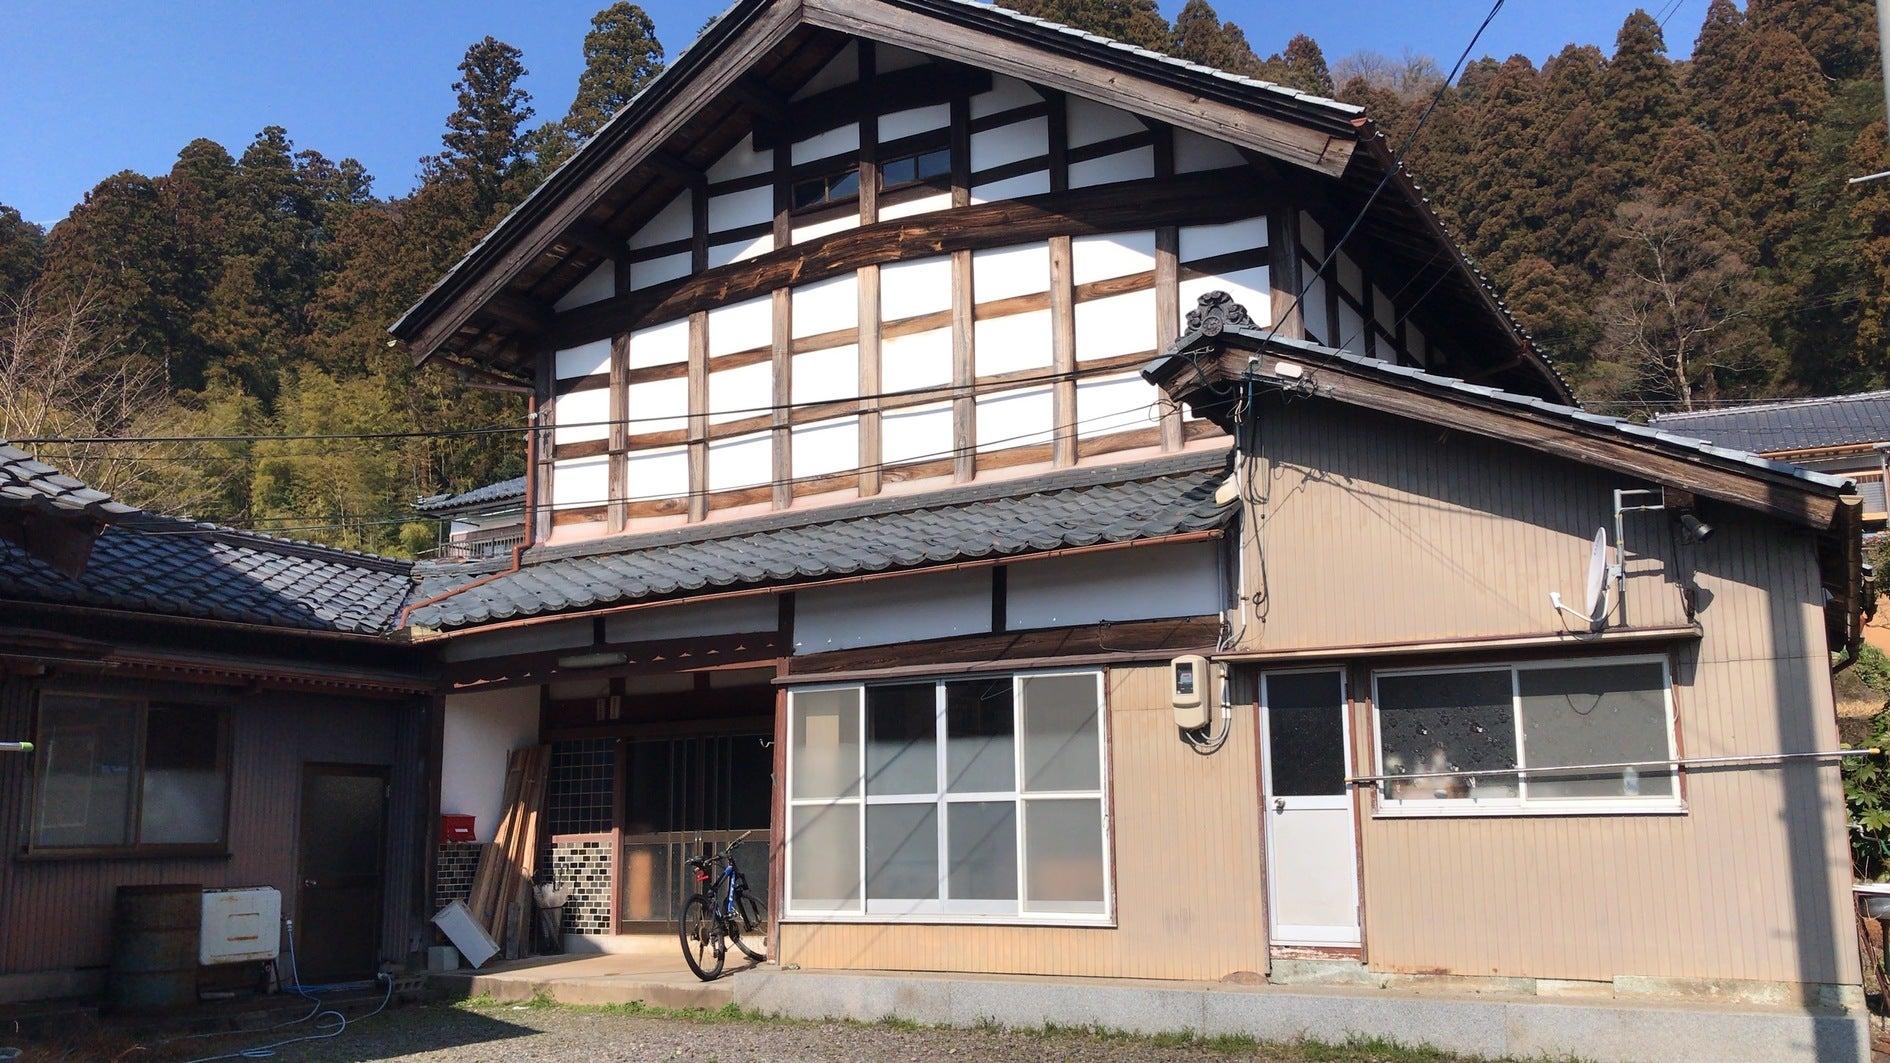 古き良き日本の古民家!近くには神社があり、自然豊かで静かな環境です。企業研修や合宿にご利用ください!(日本の古き良き古民家!近くに神社があり、自然豊かで静かな環境です!) の写真0